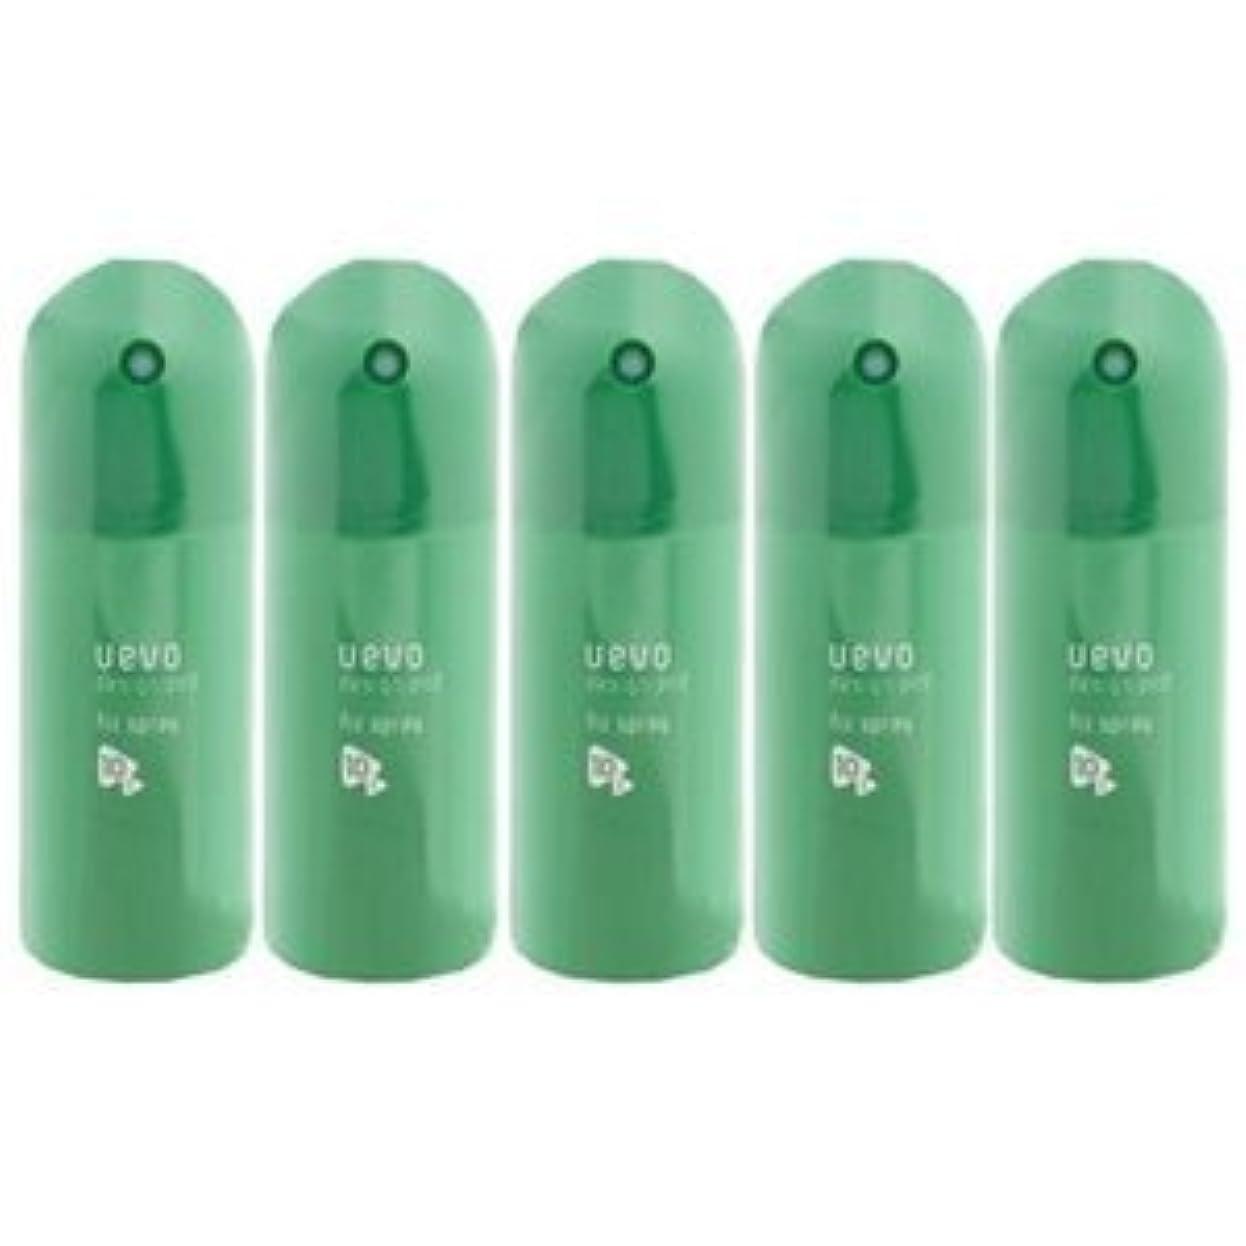 関数経済的脅迫【X5個セット】 デミ ウェーボ デザインポッド フィックススプレー 220ml fix spray